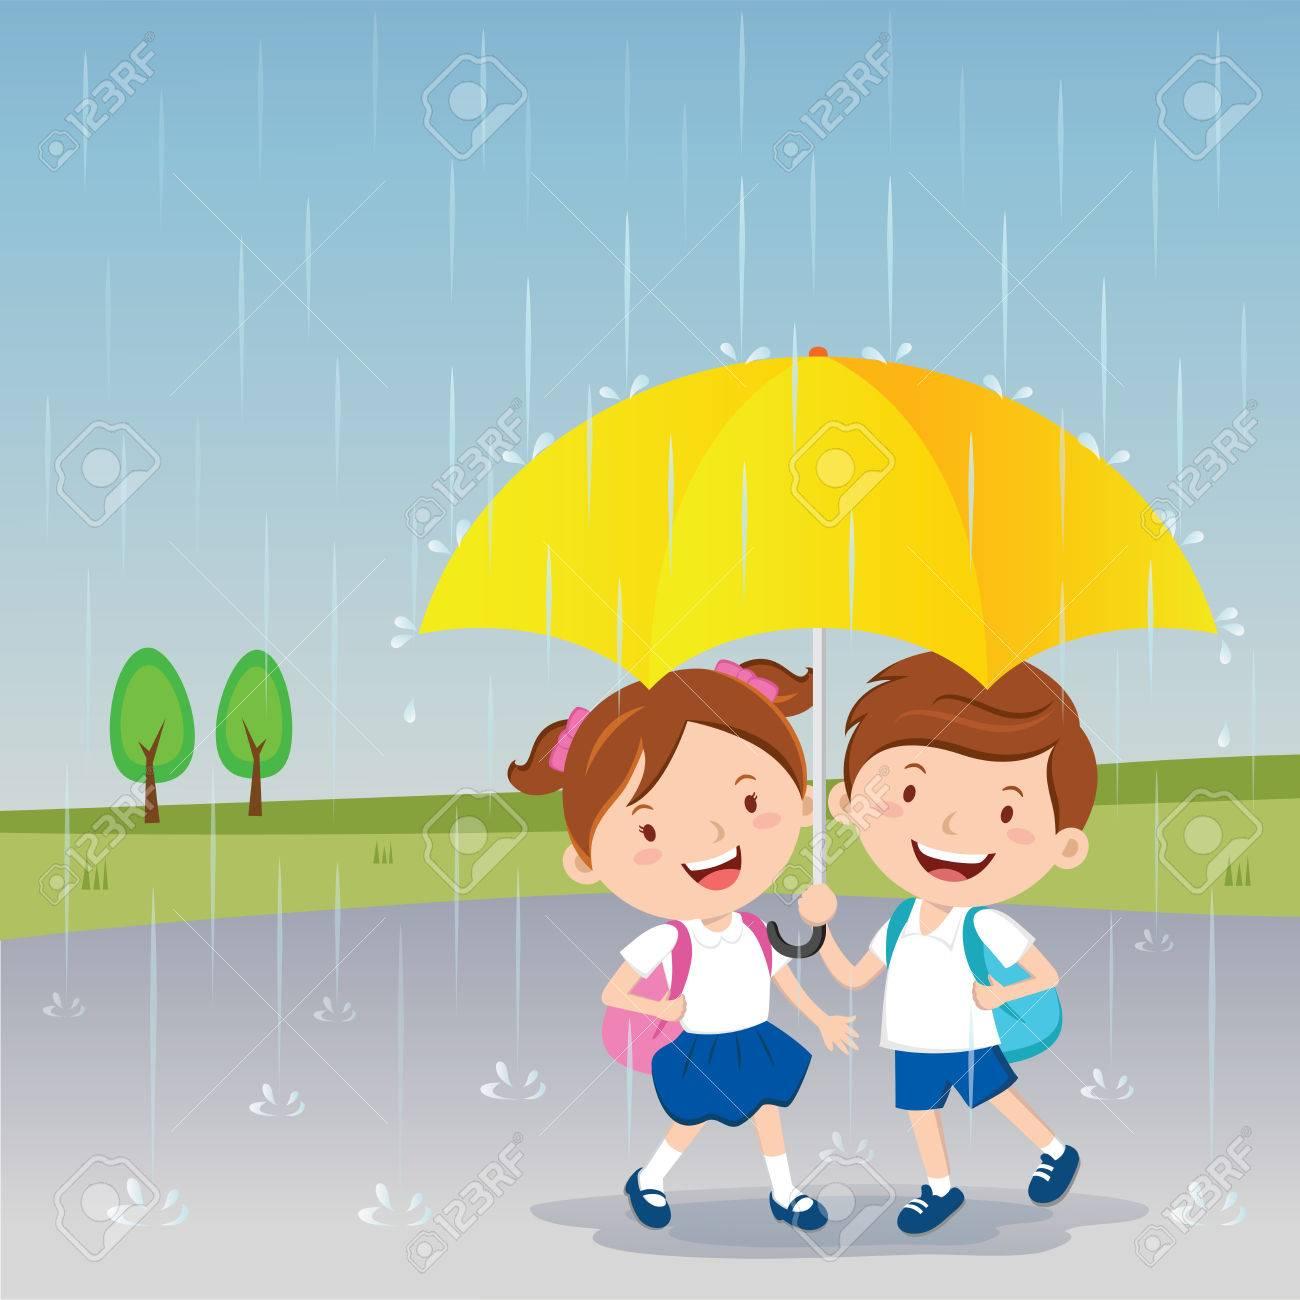 children under the umbrella